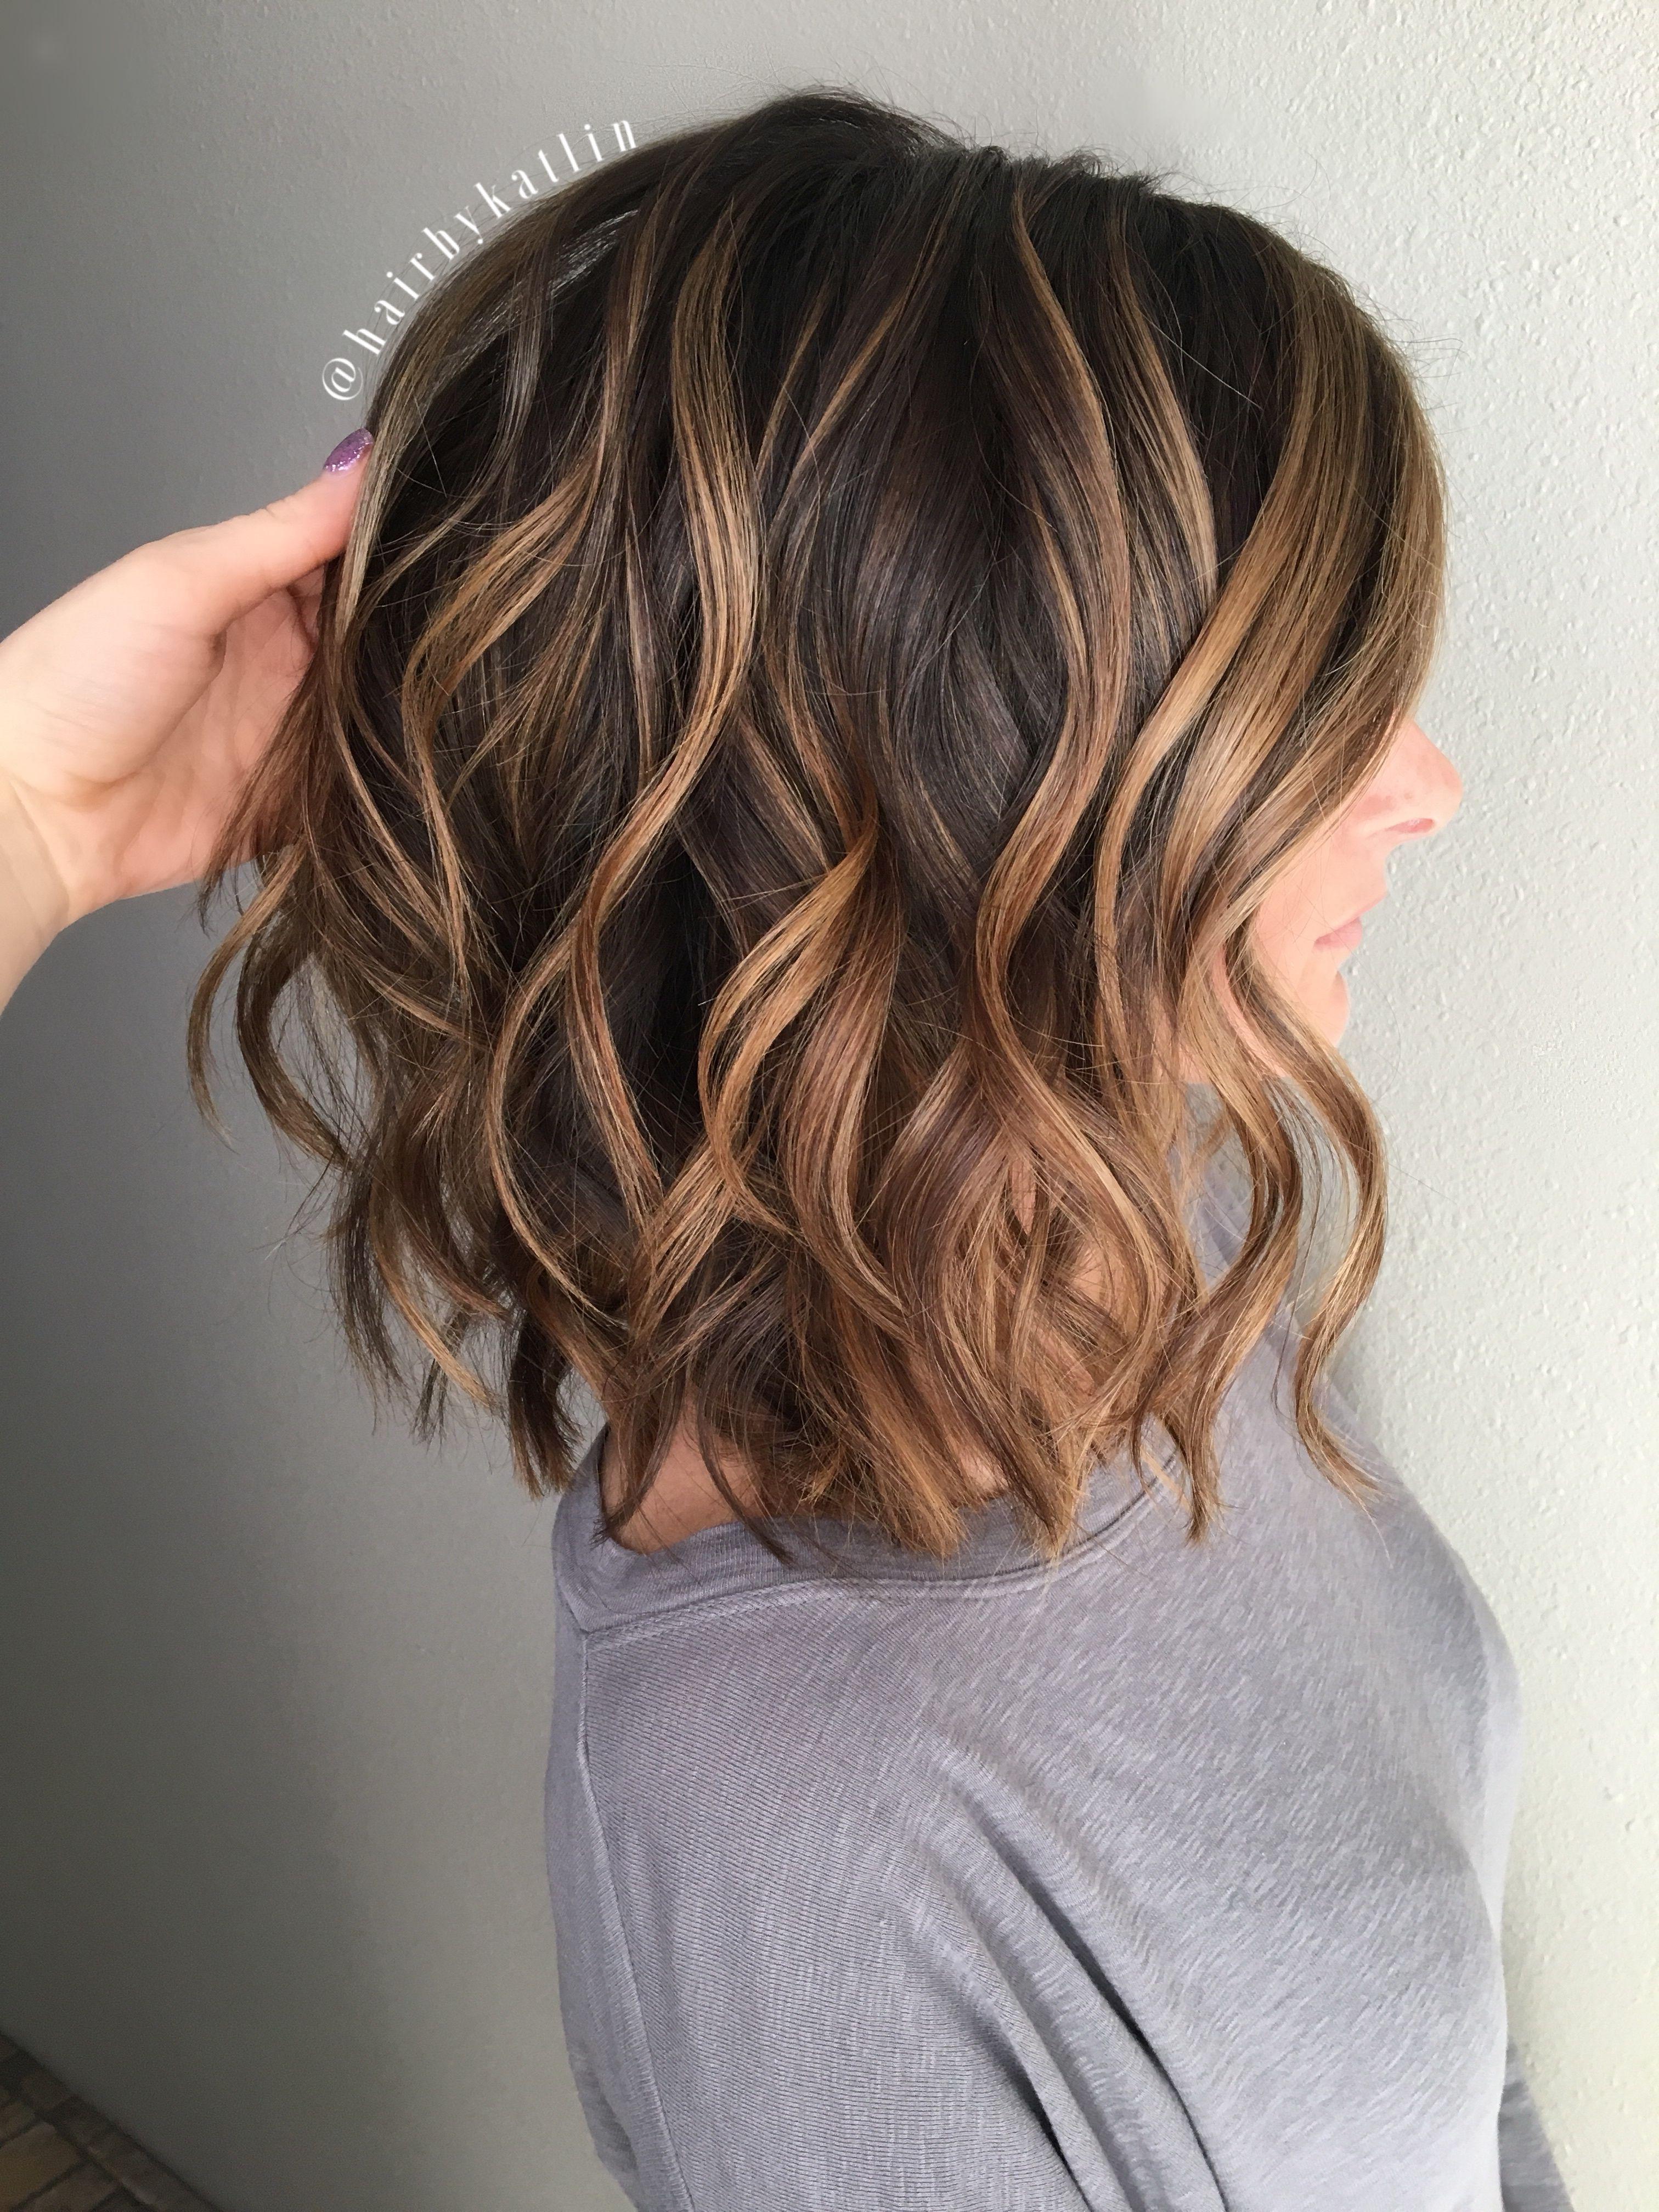 Hair Tutorial How to Curl Short Hair